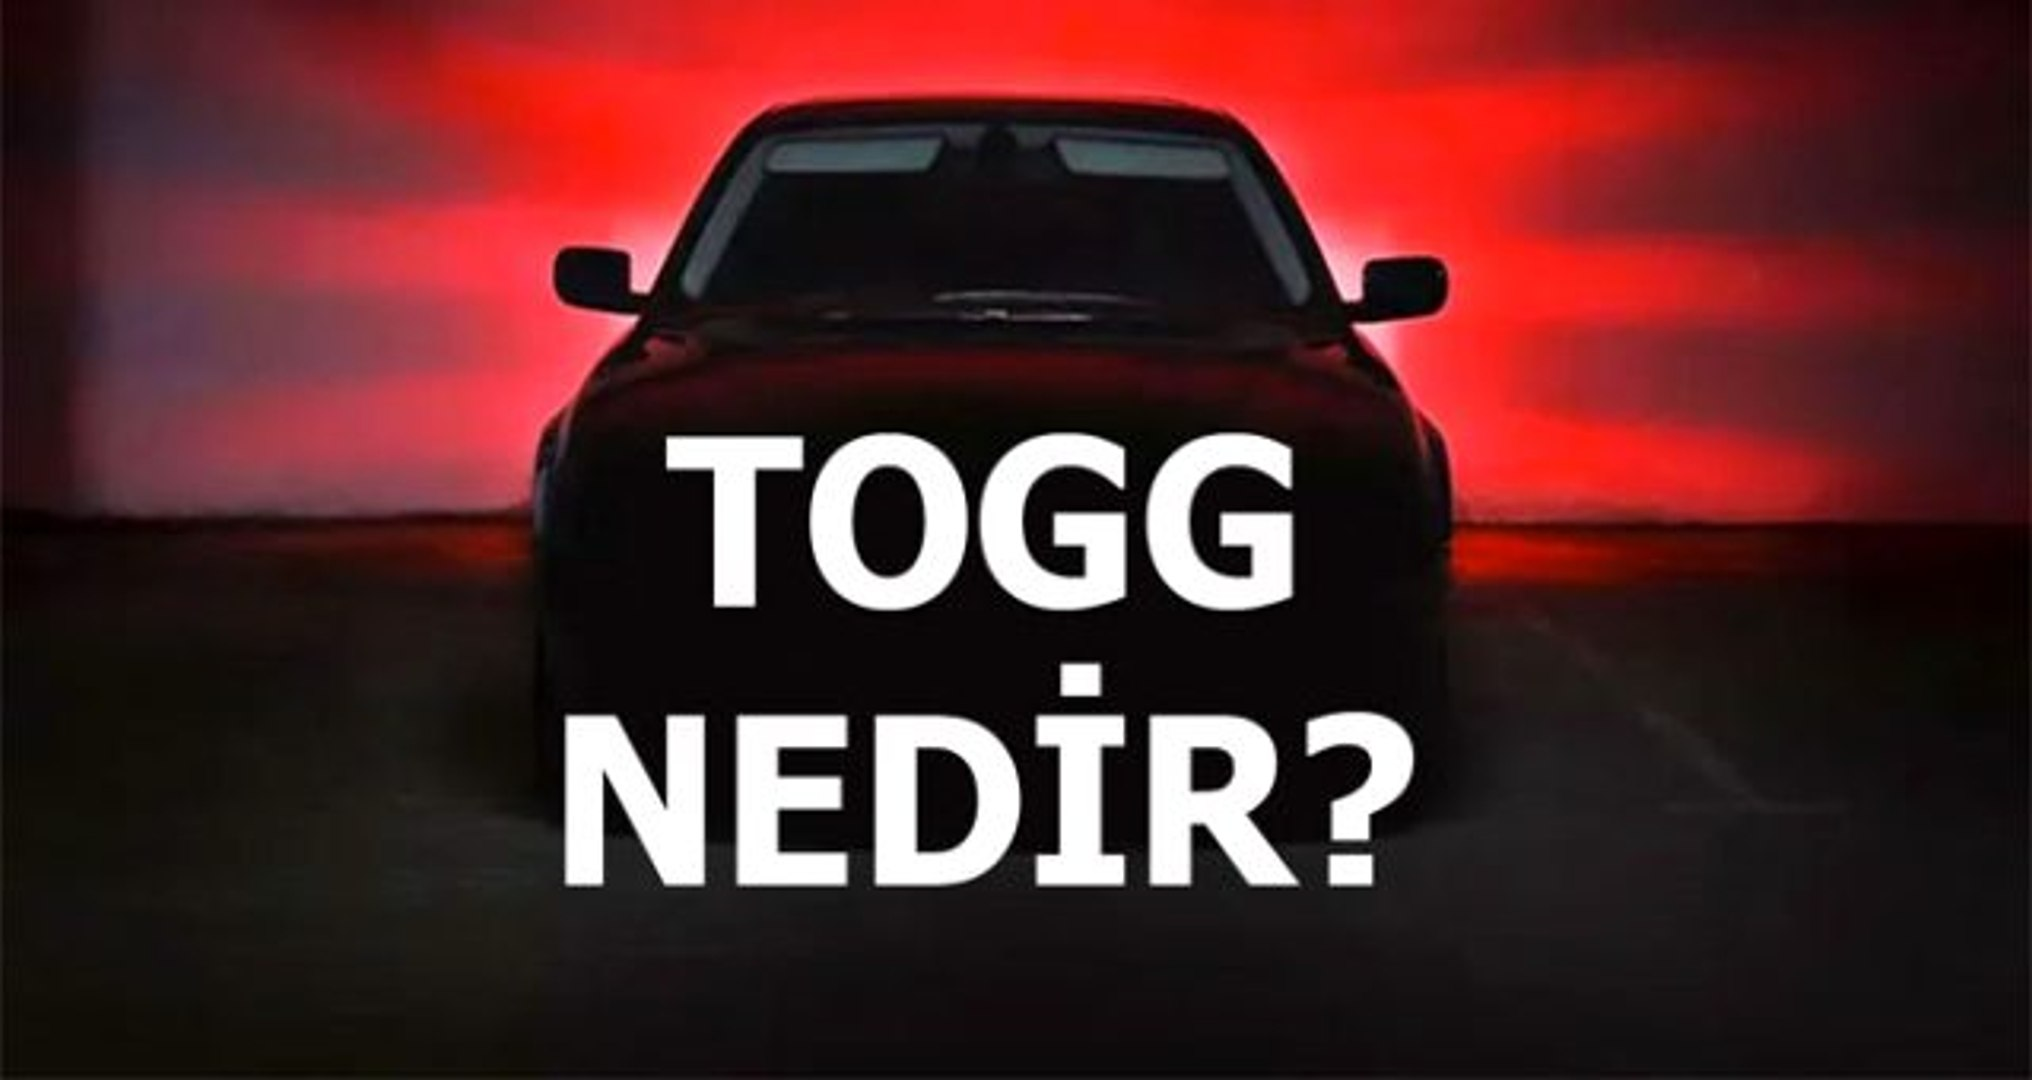 TOGG nedir? Yerli araba ne zaman tanıtılacak? Yerli araba özellikleri neler? TOGG CEO'su Mehmet